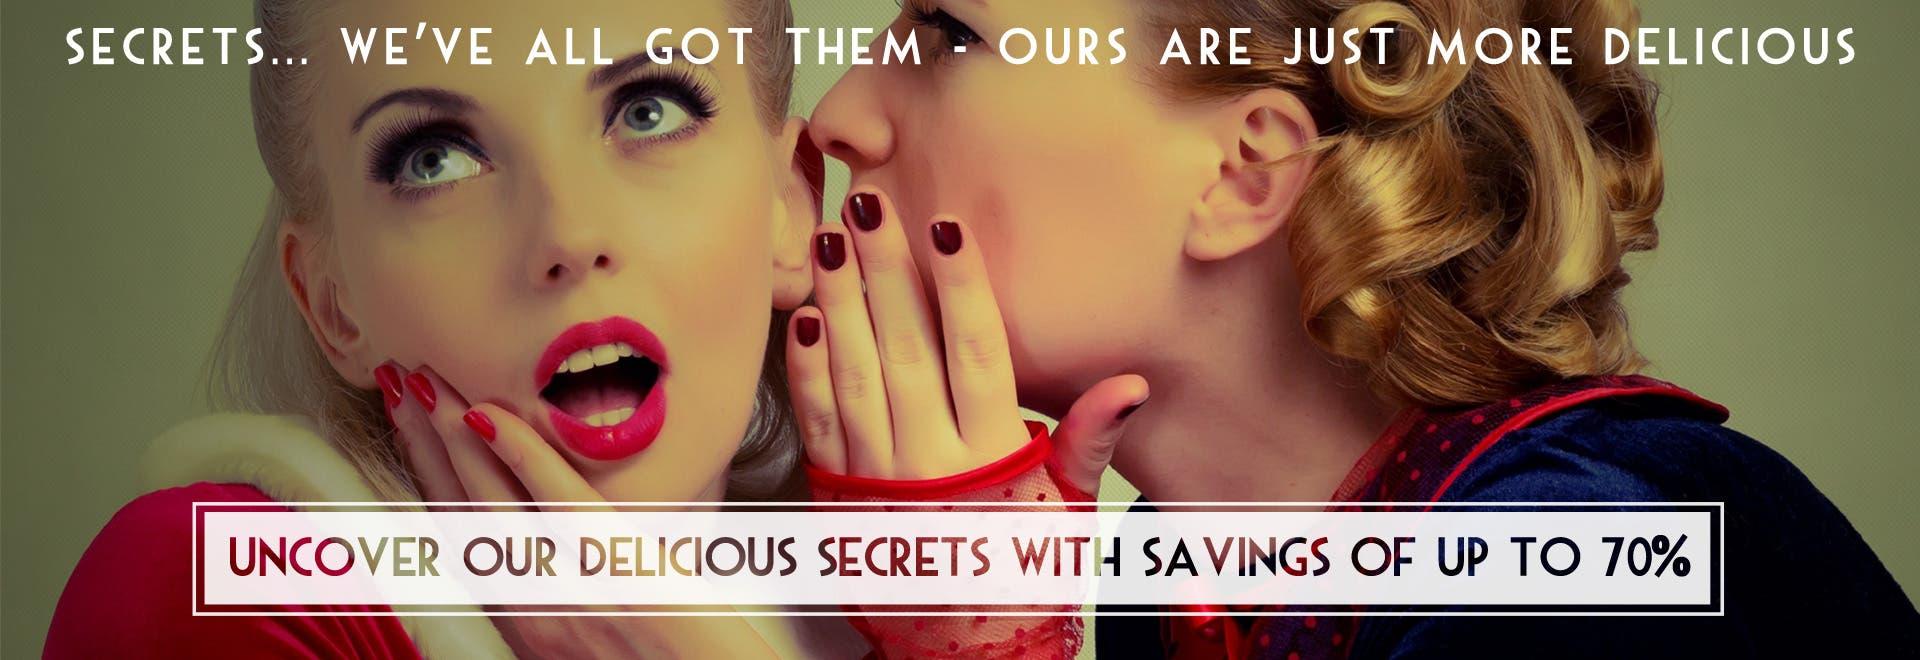 Shhhh! Secrets...